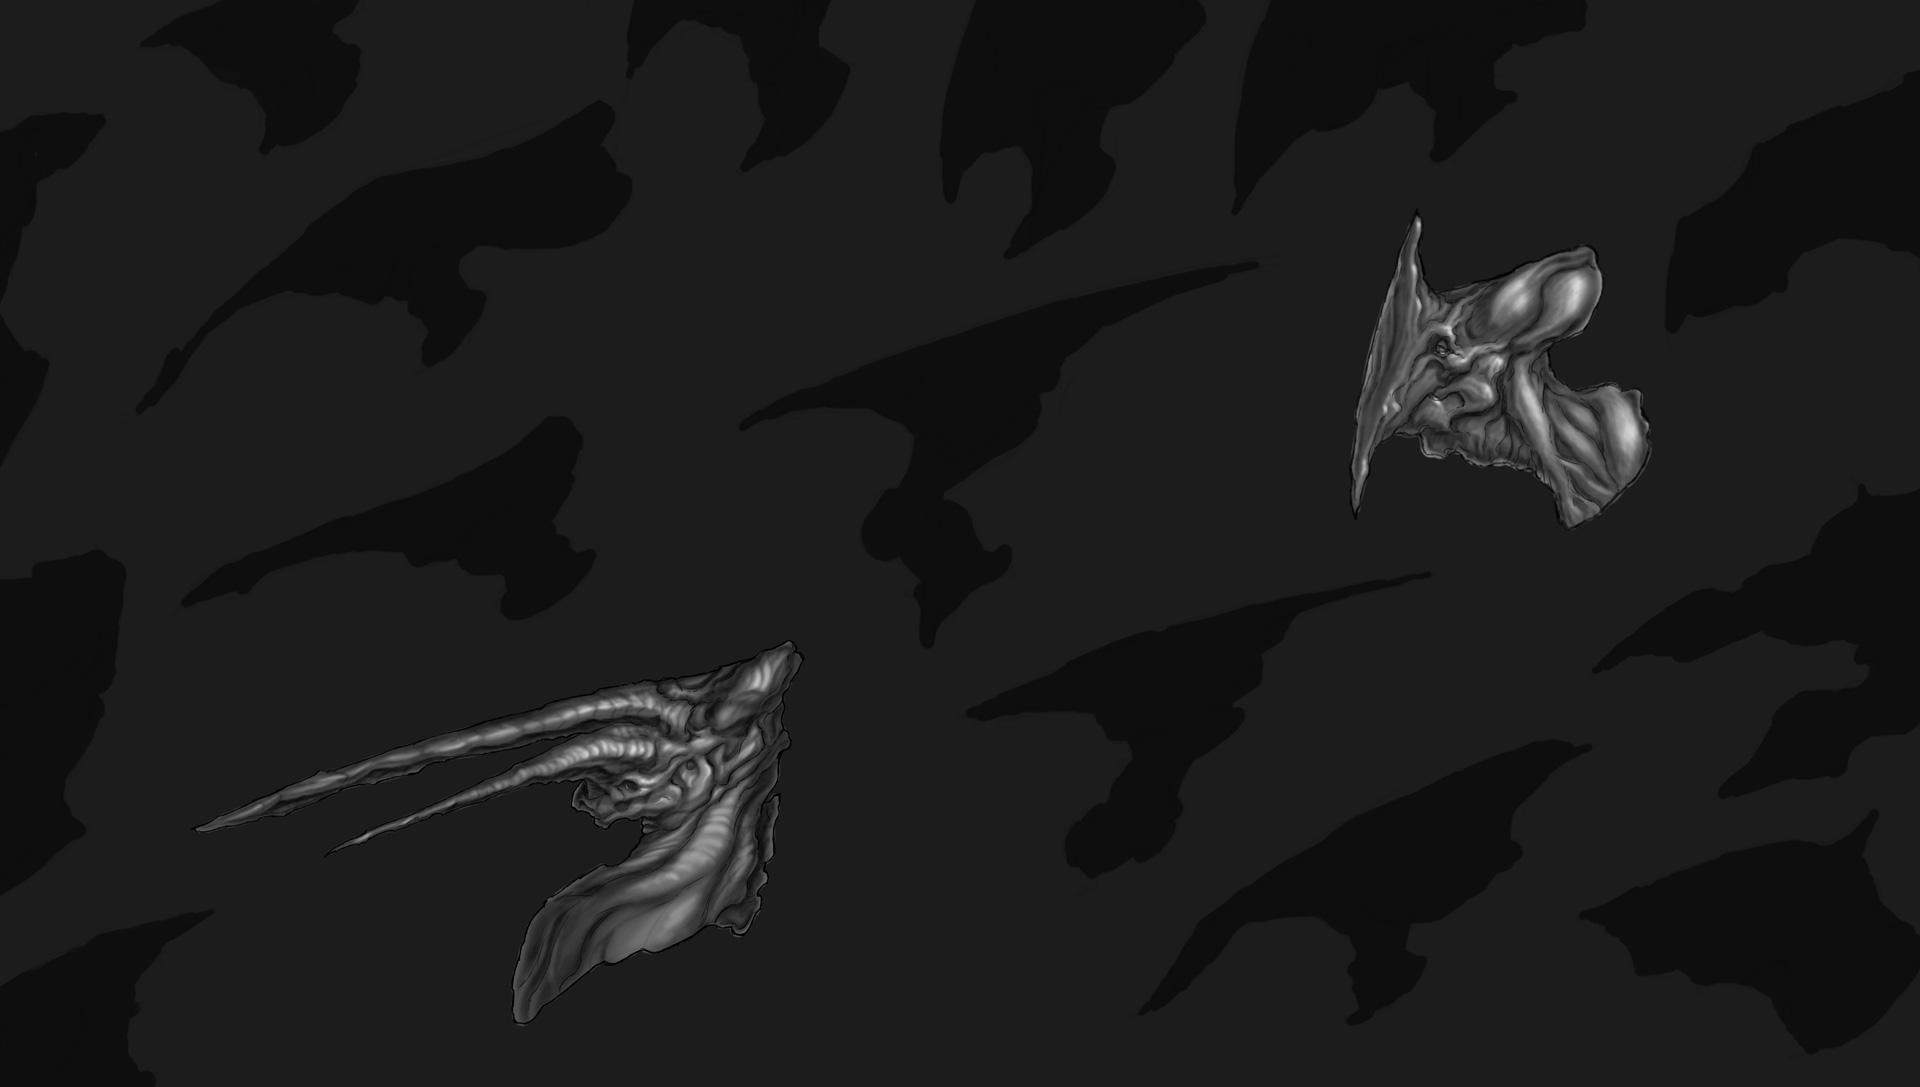 doodle_08_21_13.jpg